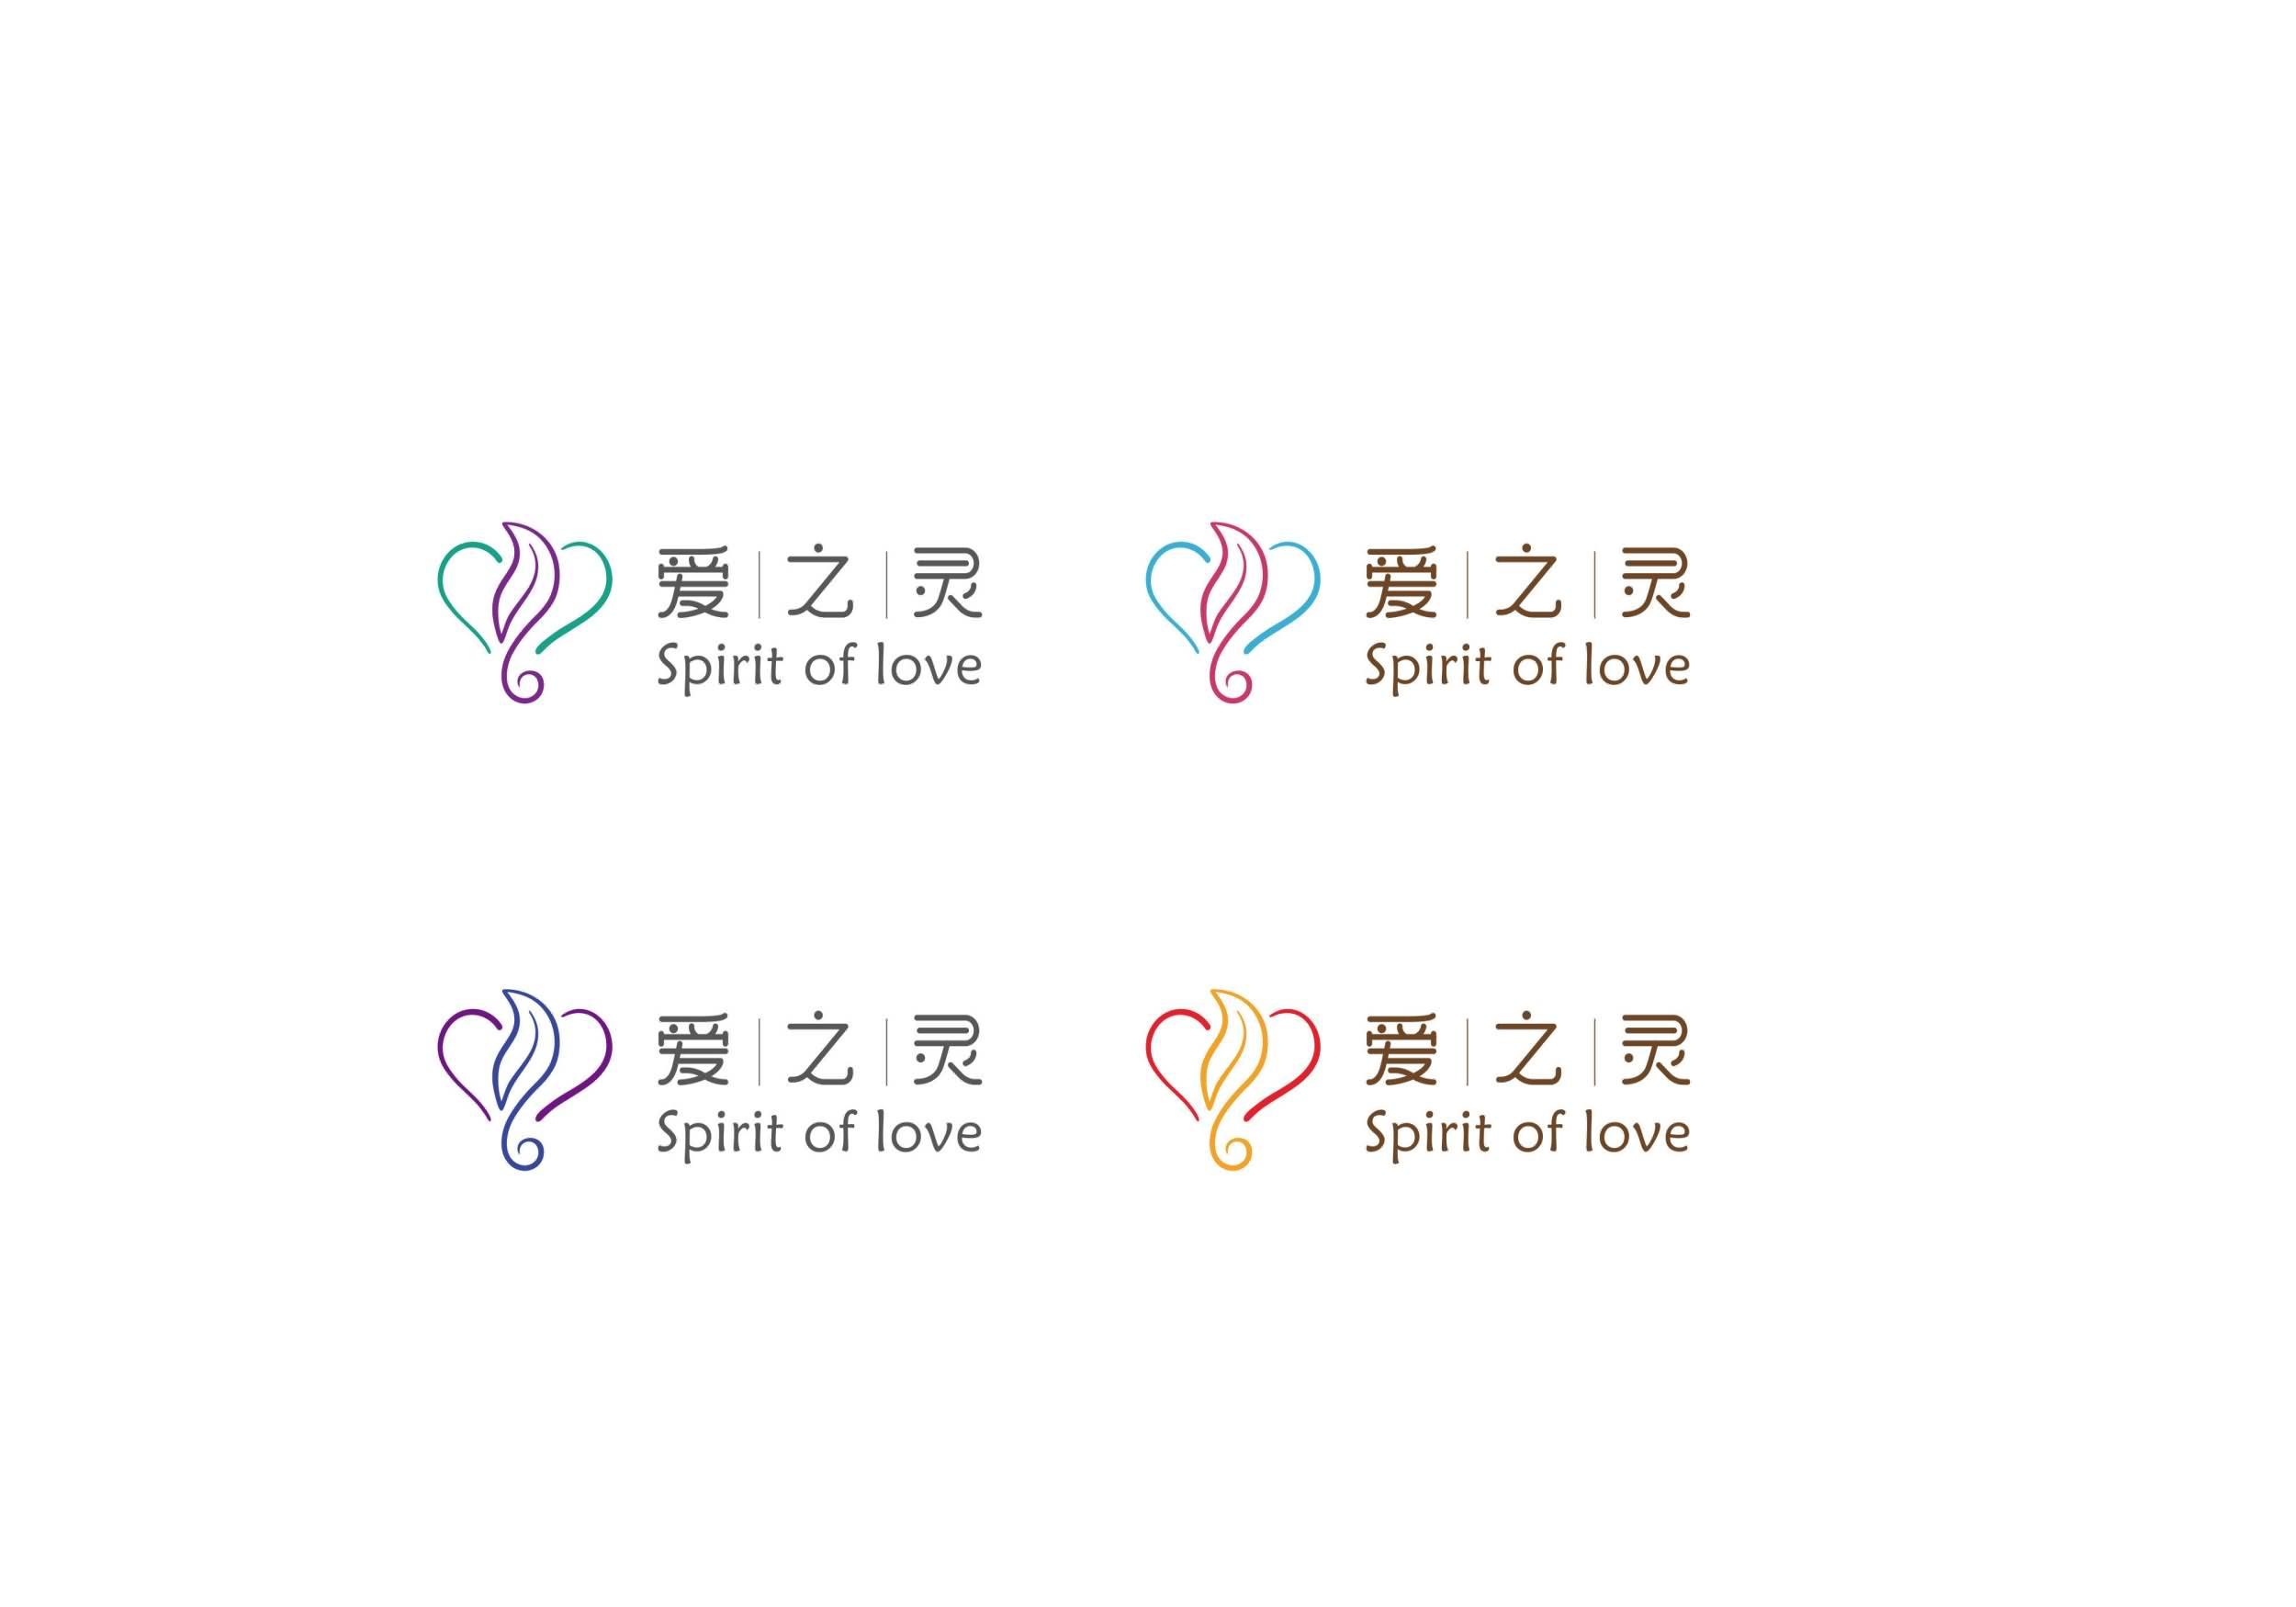 爱之灵(江苏)日用品有限公司6